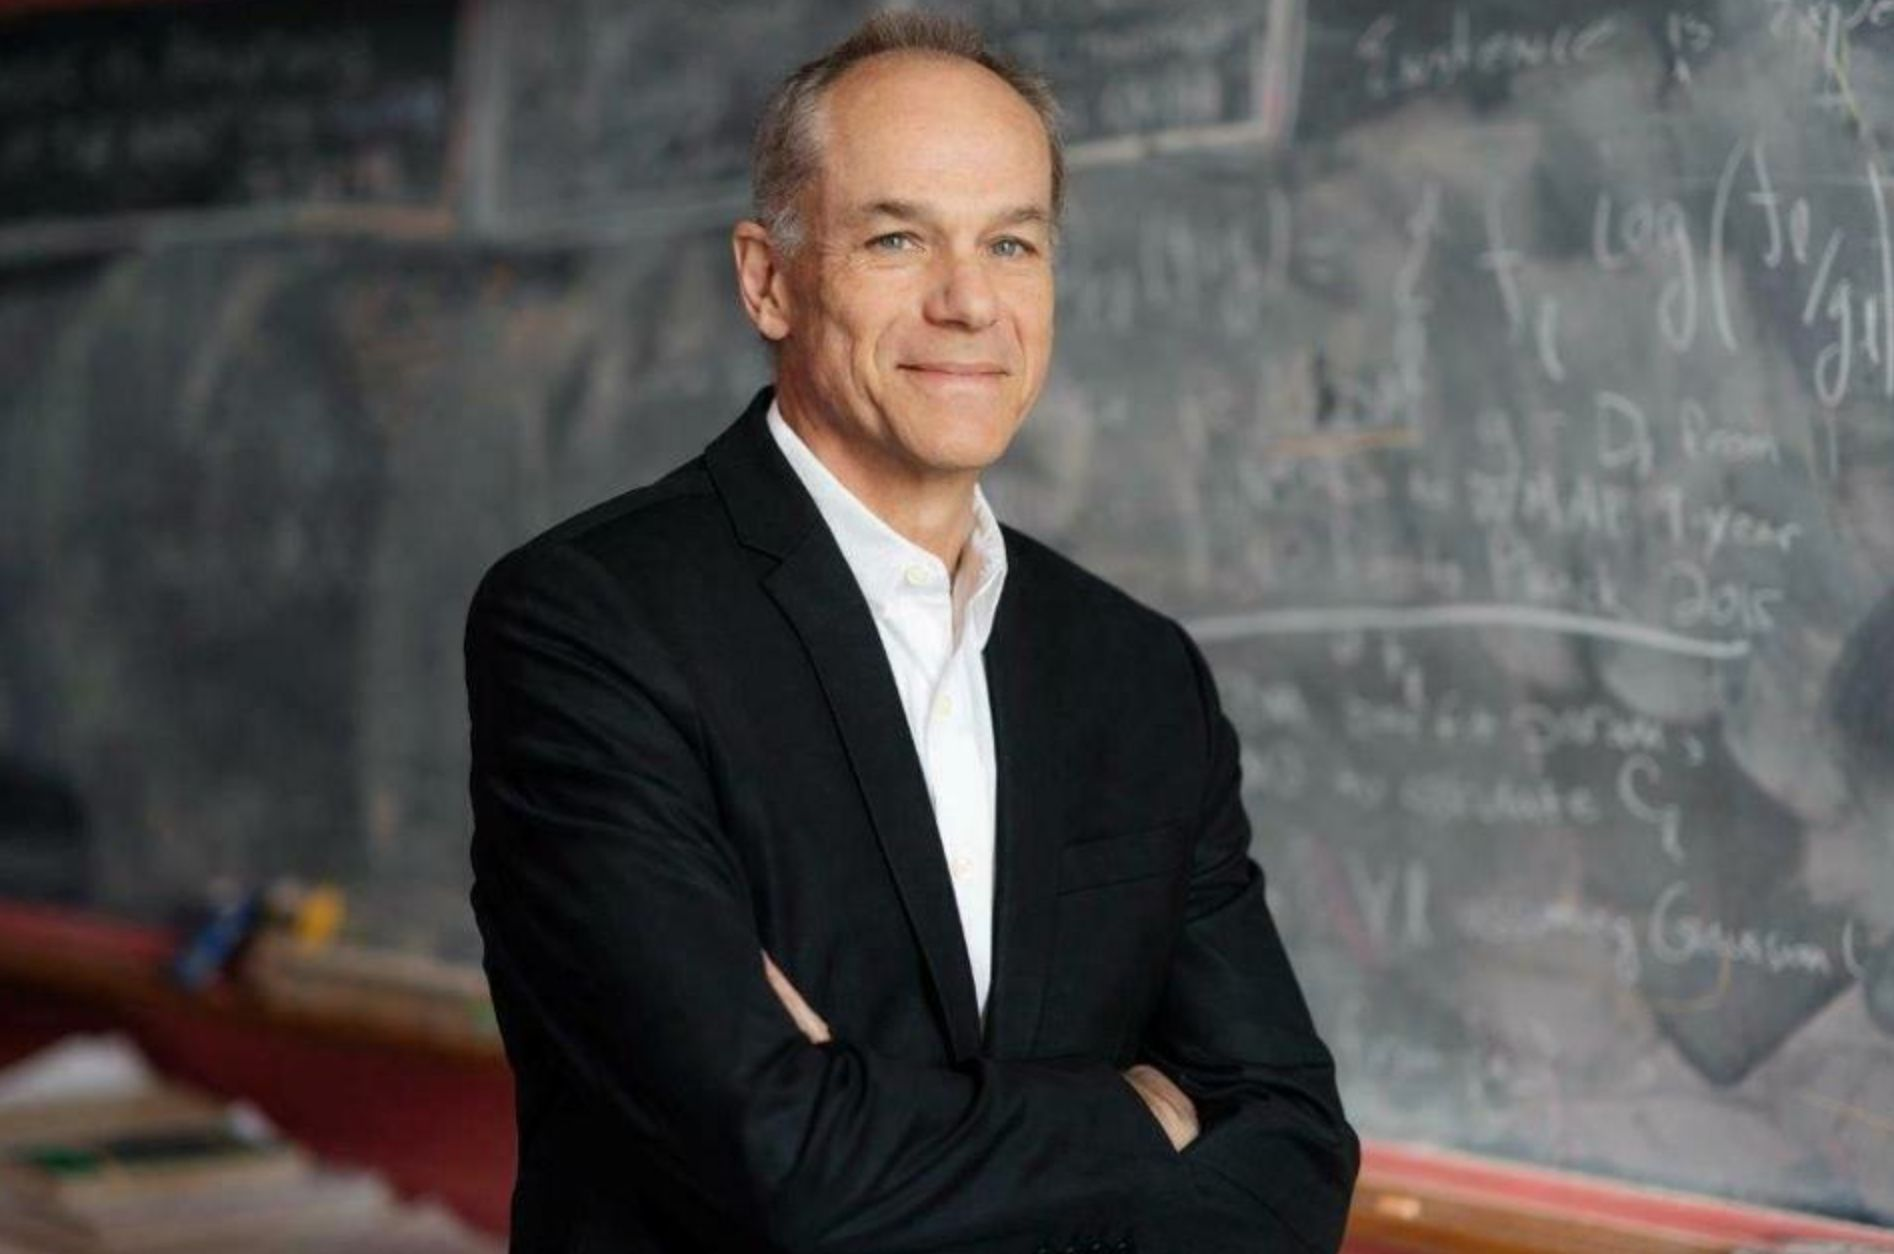 5 coisas que você precisa saber sobre Marcelo Gleiser, físico que venceu 'Nobel' da